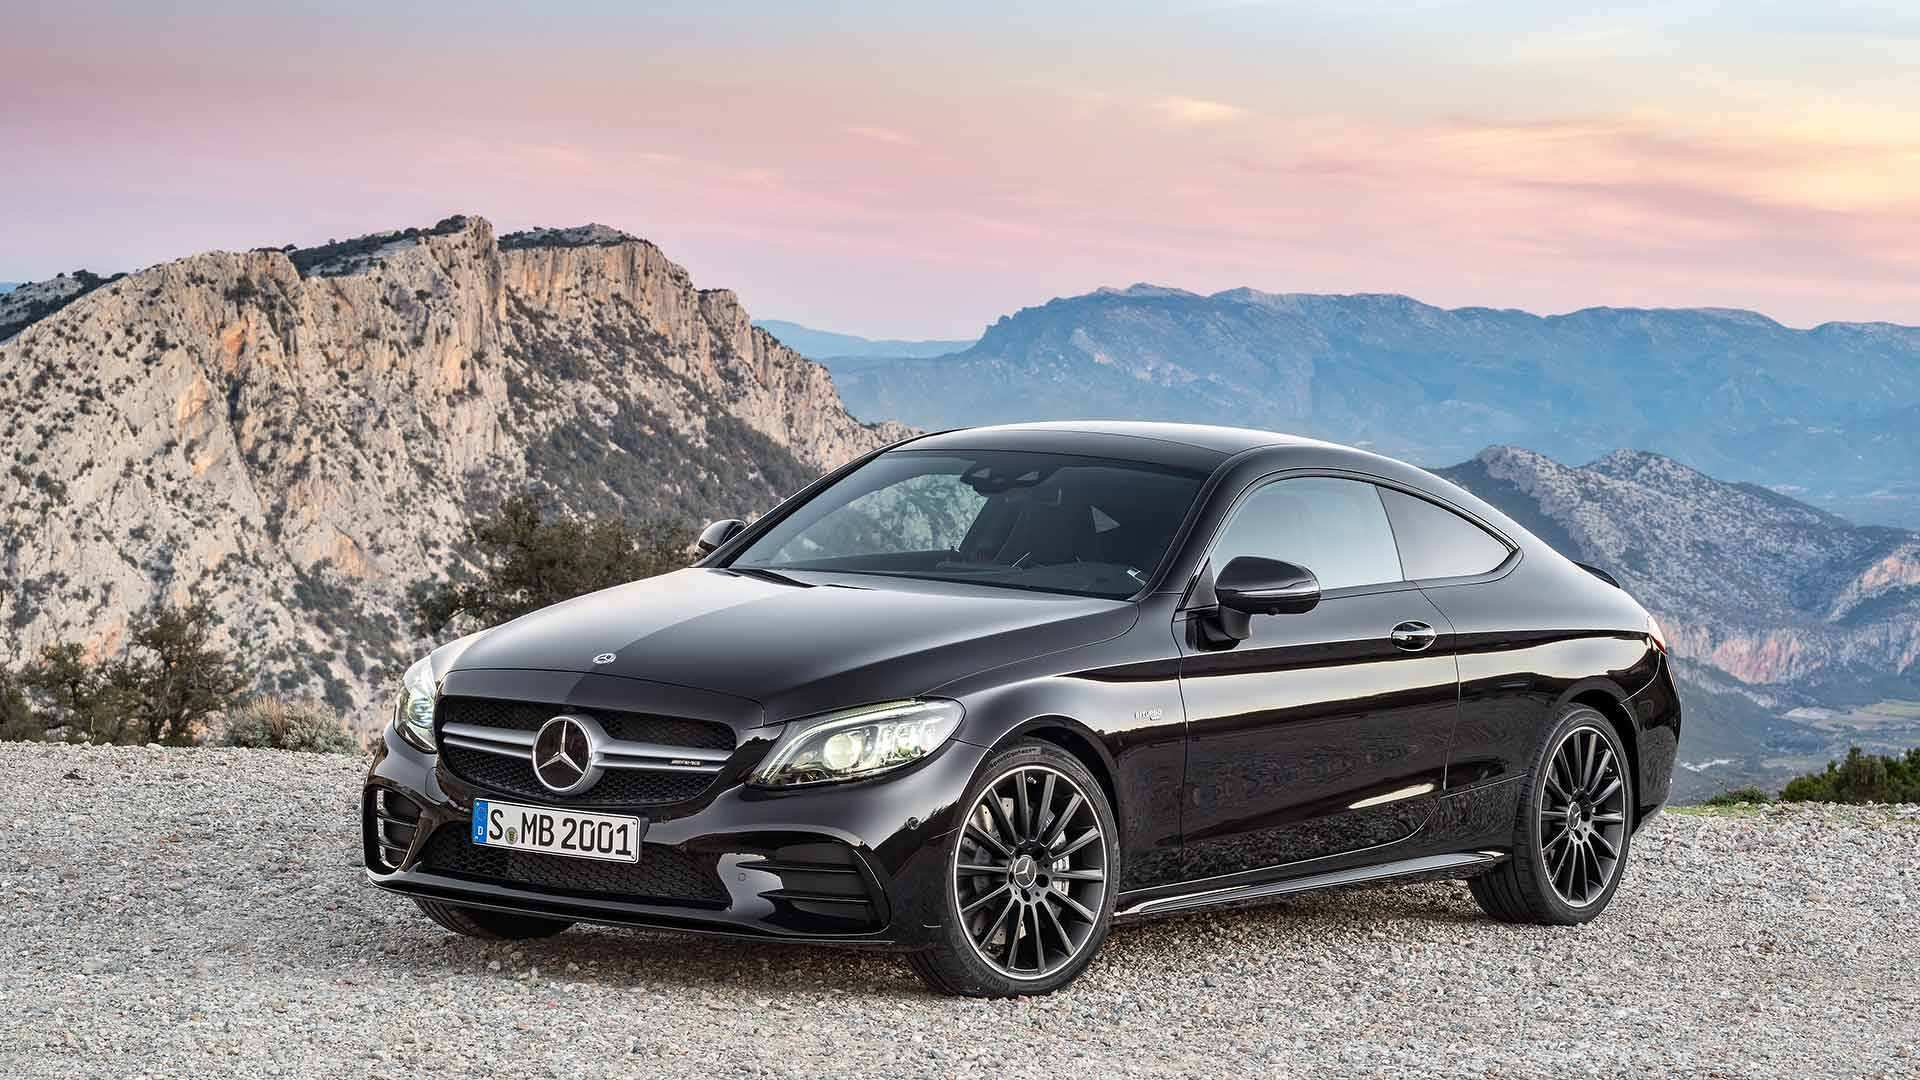 21 Best Review Mercedes Benz C Class Facelift 2019 Release with Mercedes Benz C Class Facelift 2019